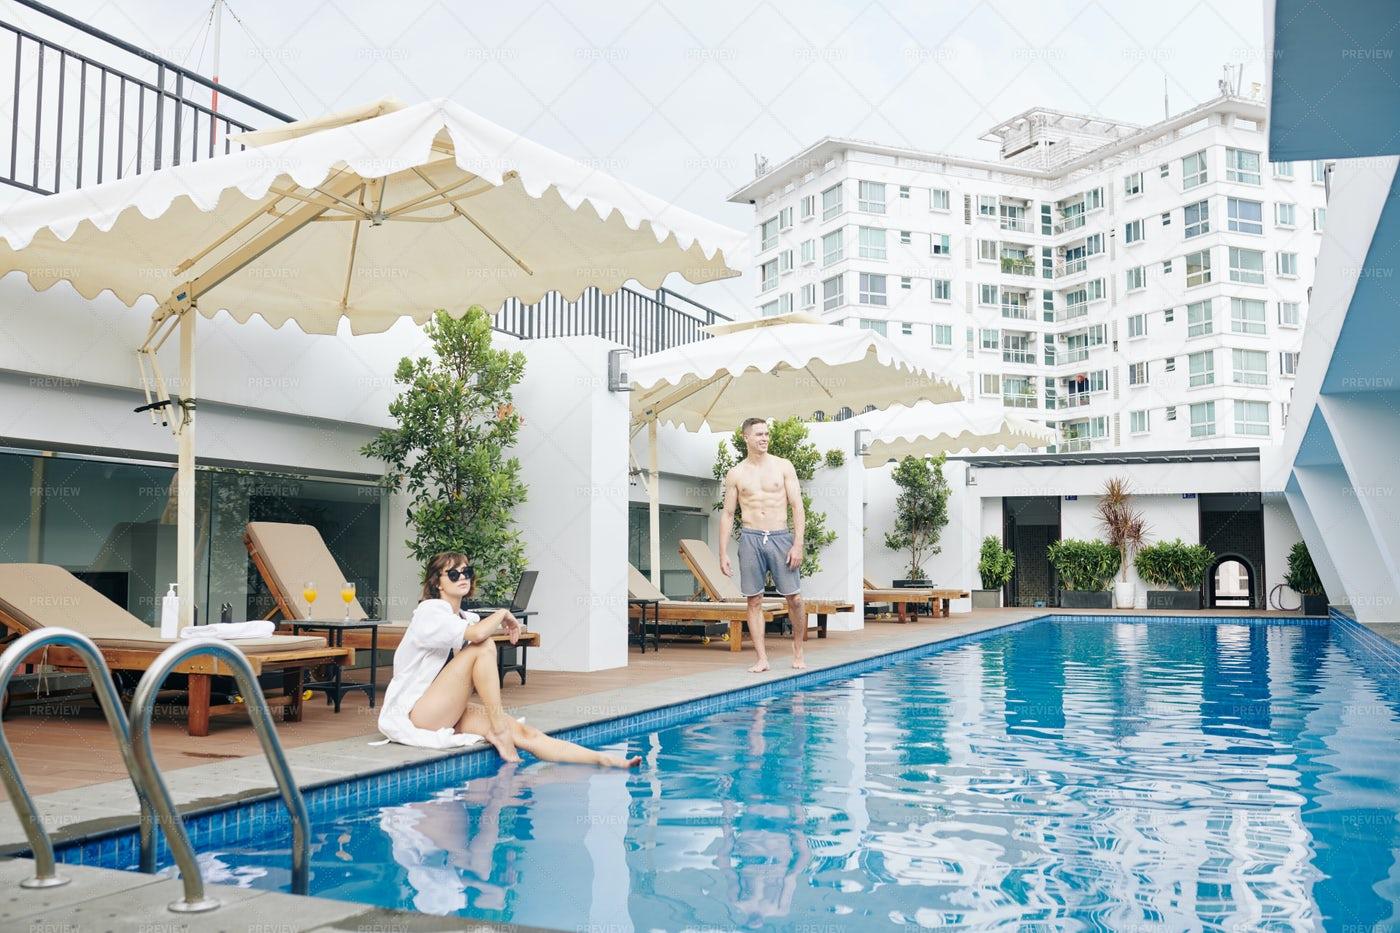 Yuong Couple At Spa Resort: Stock Photos